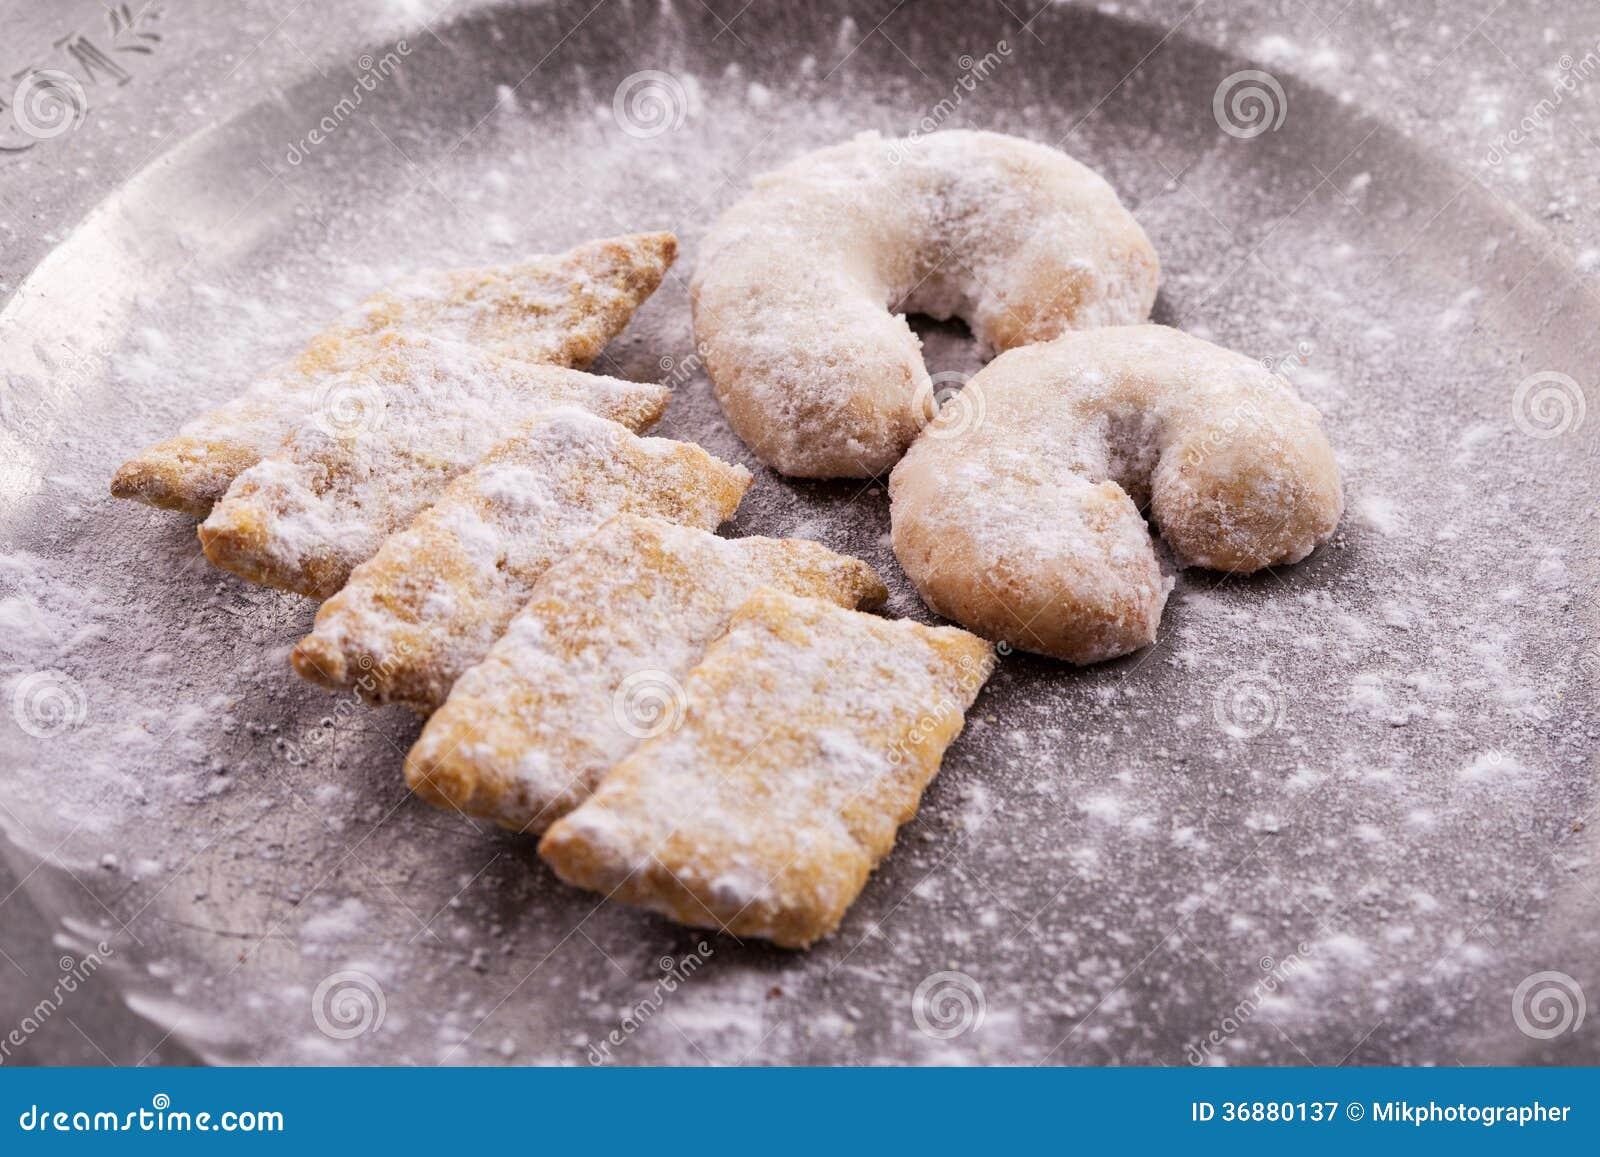 Download Biscotti di Natale immagine stock. Immagine di mandorla - 36880137